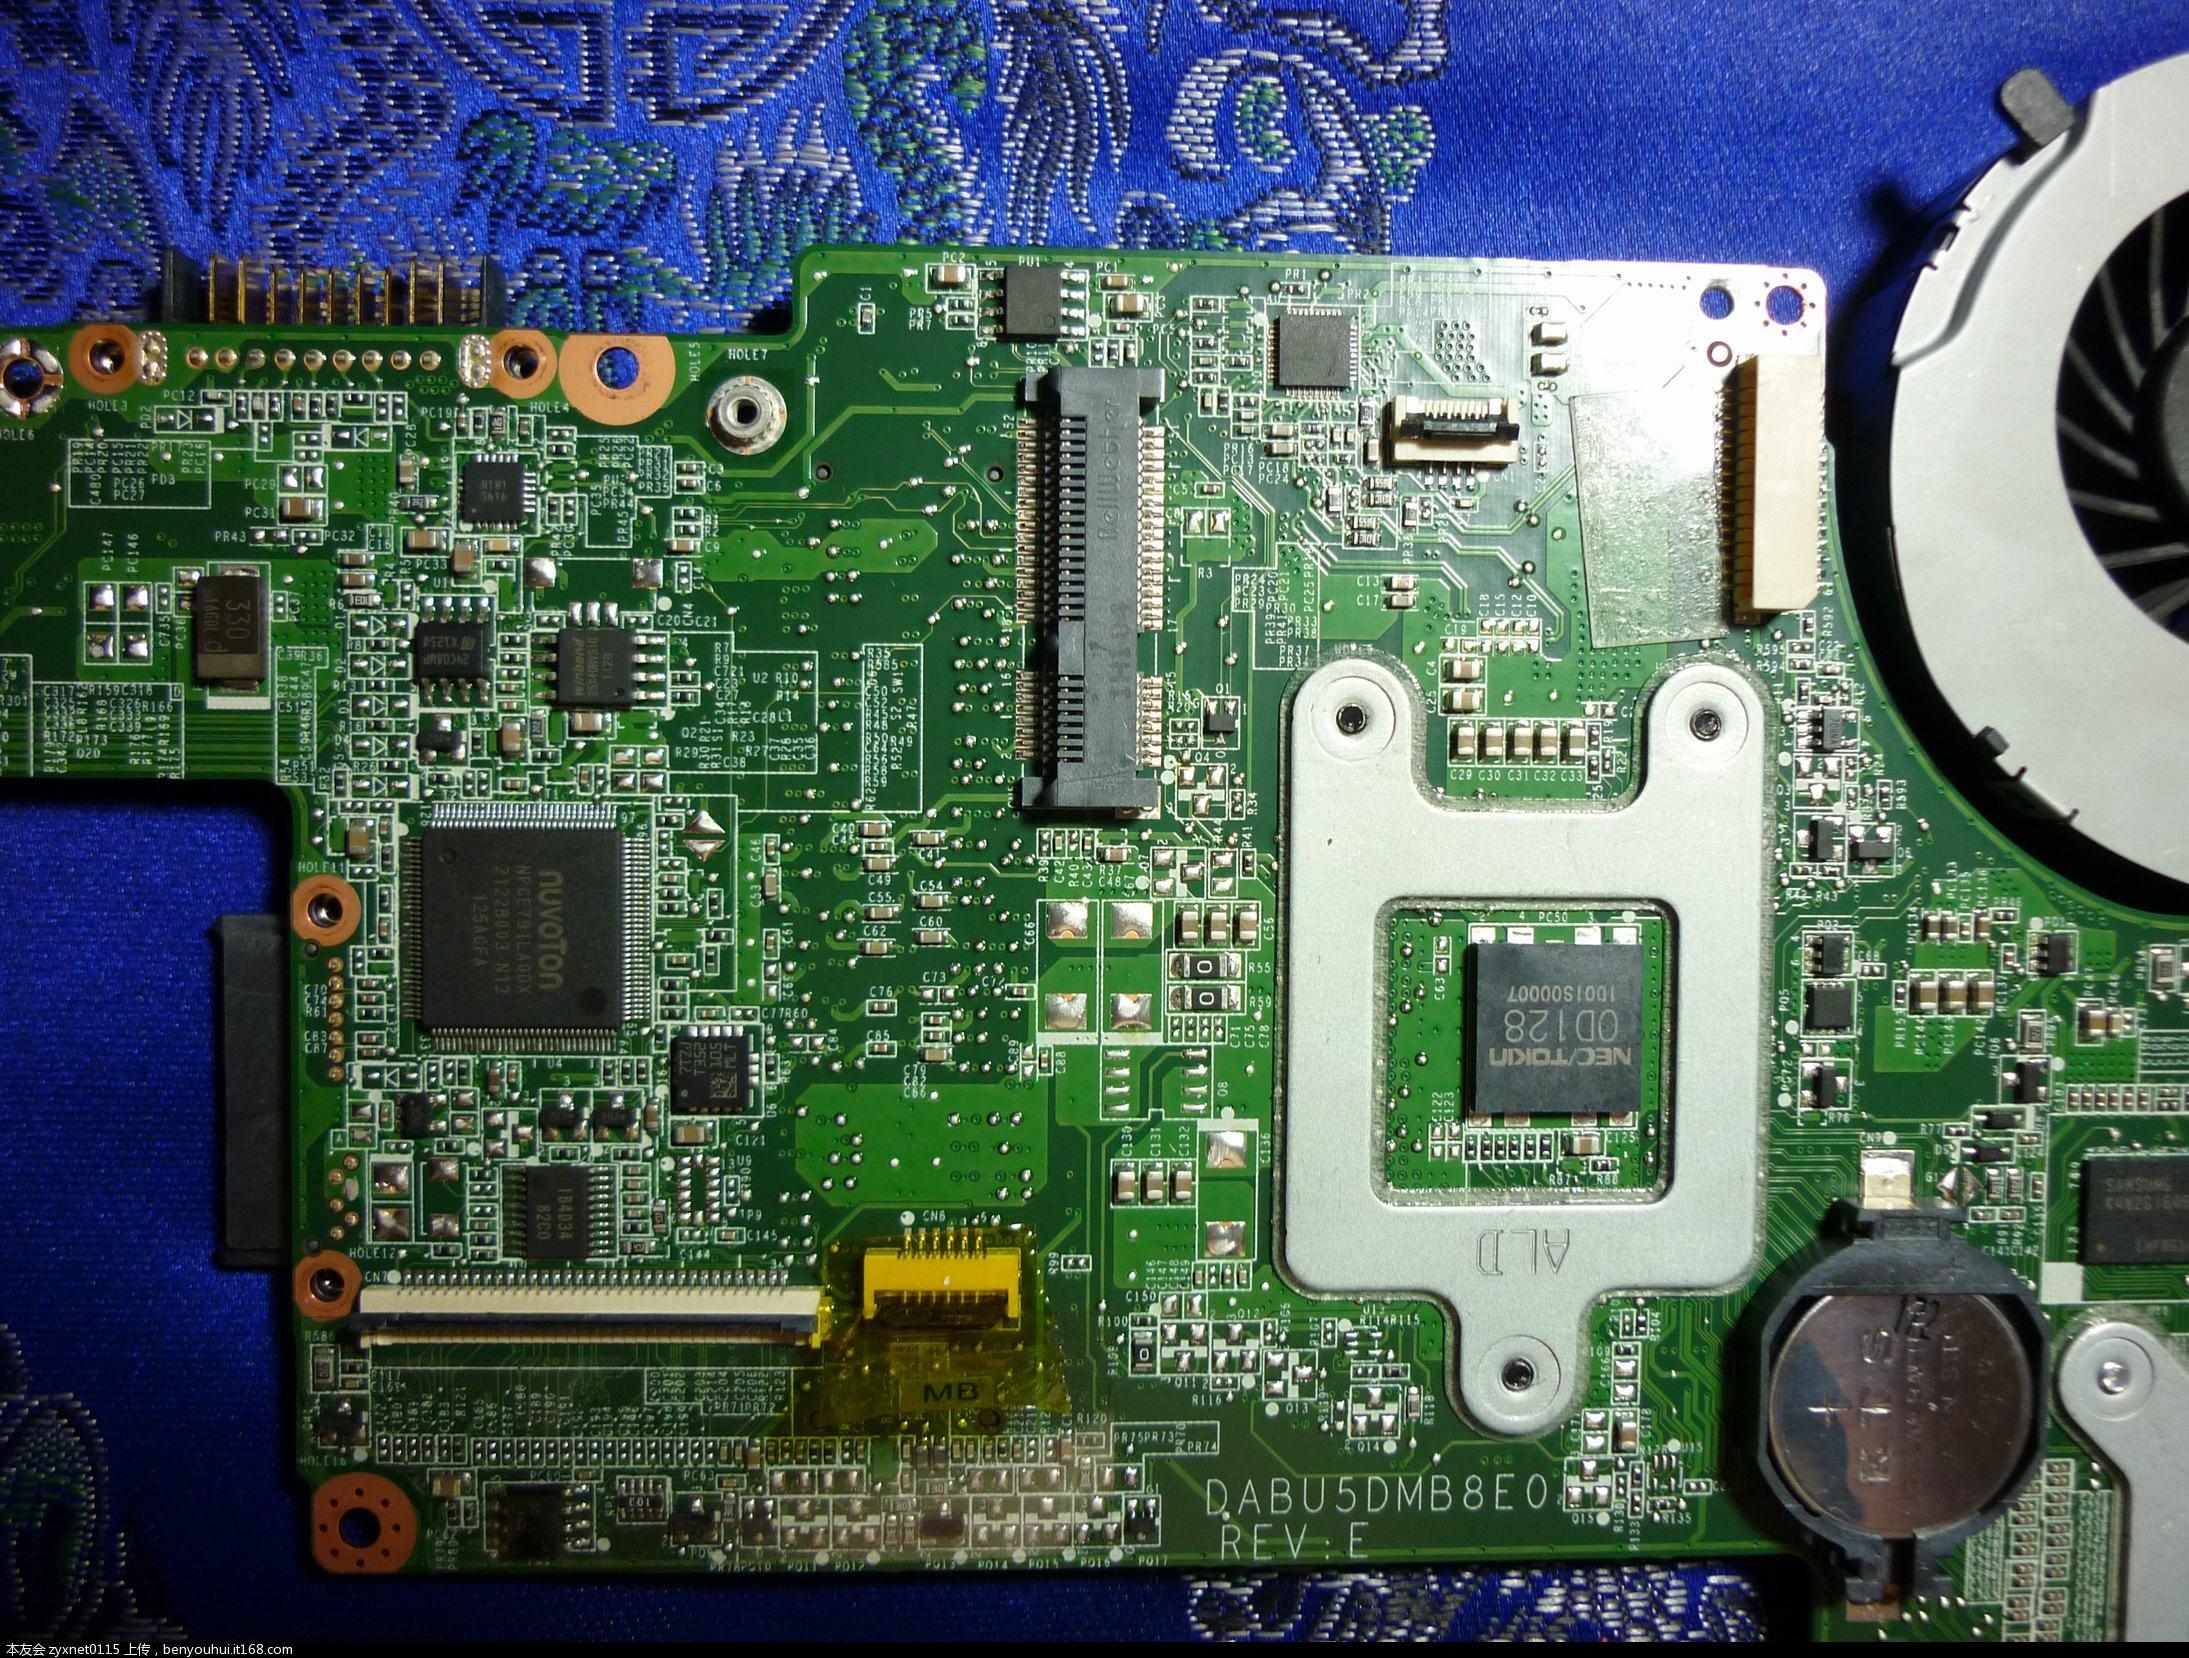 电路板 平面图 2189_1658